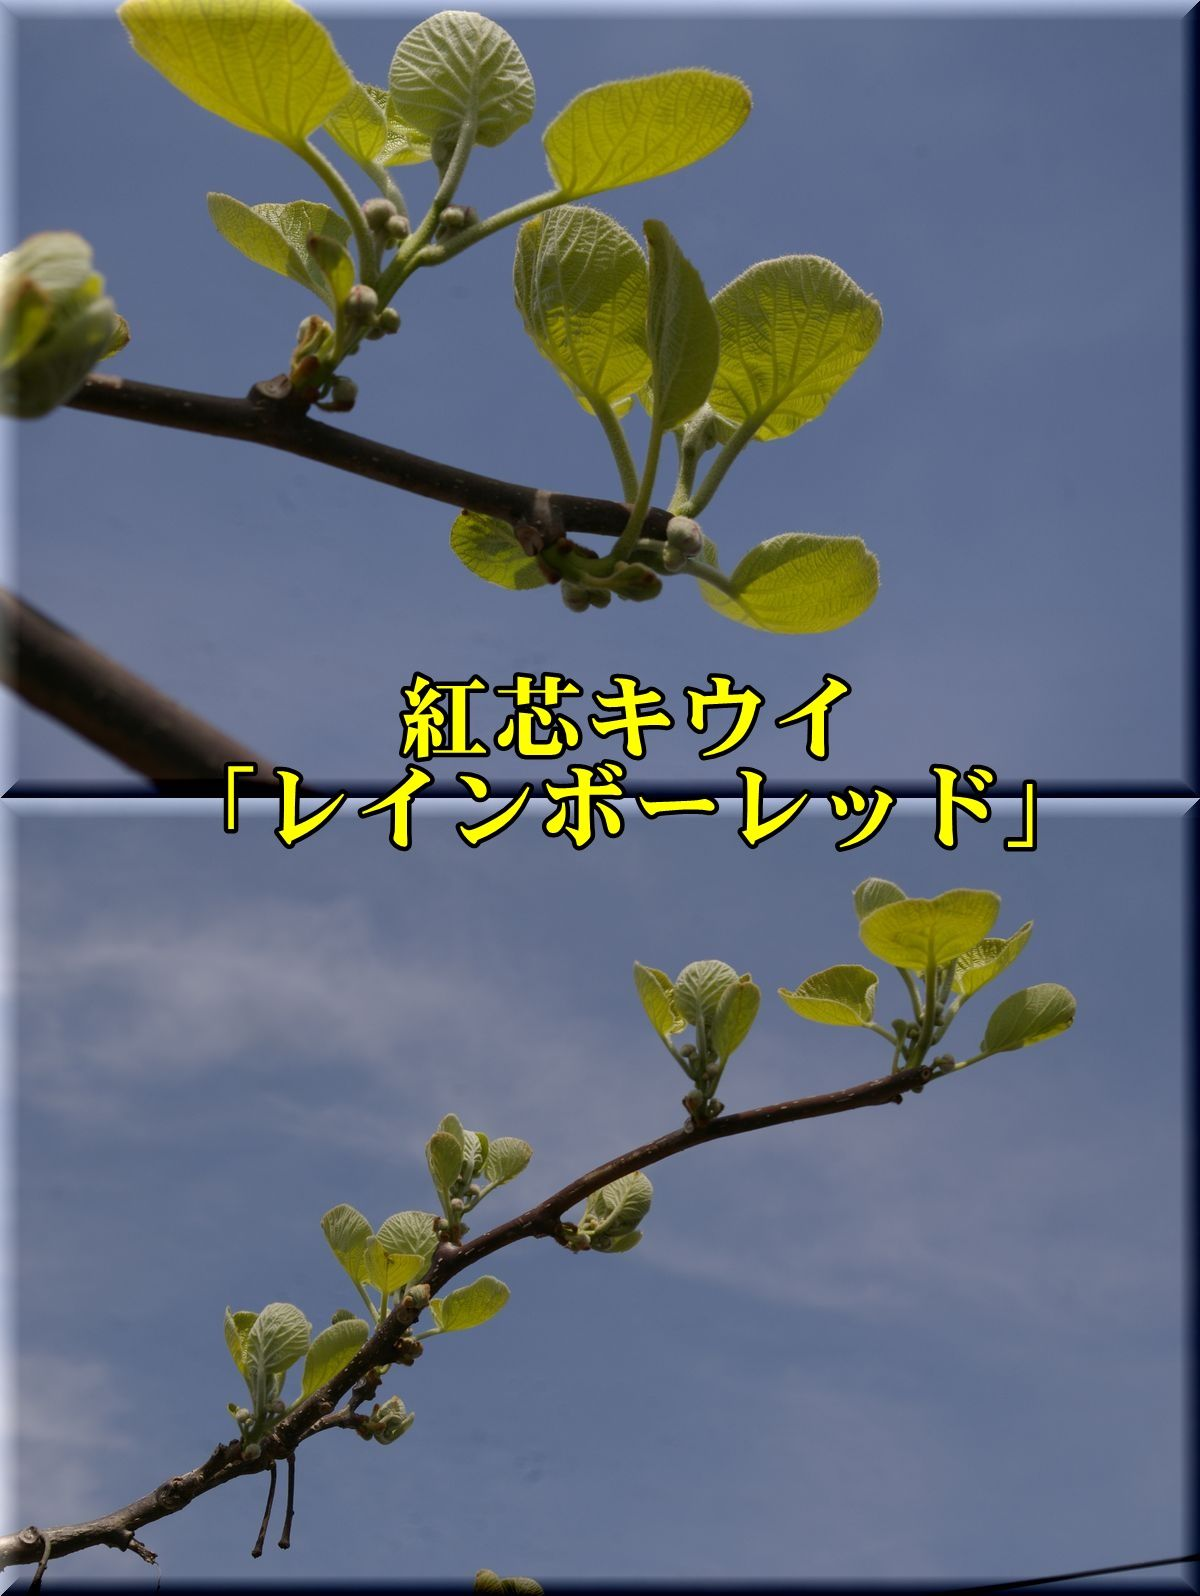 1Rred160331.jpg